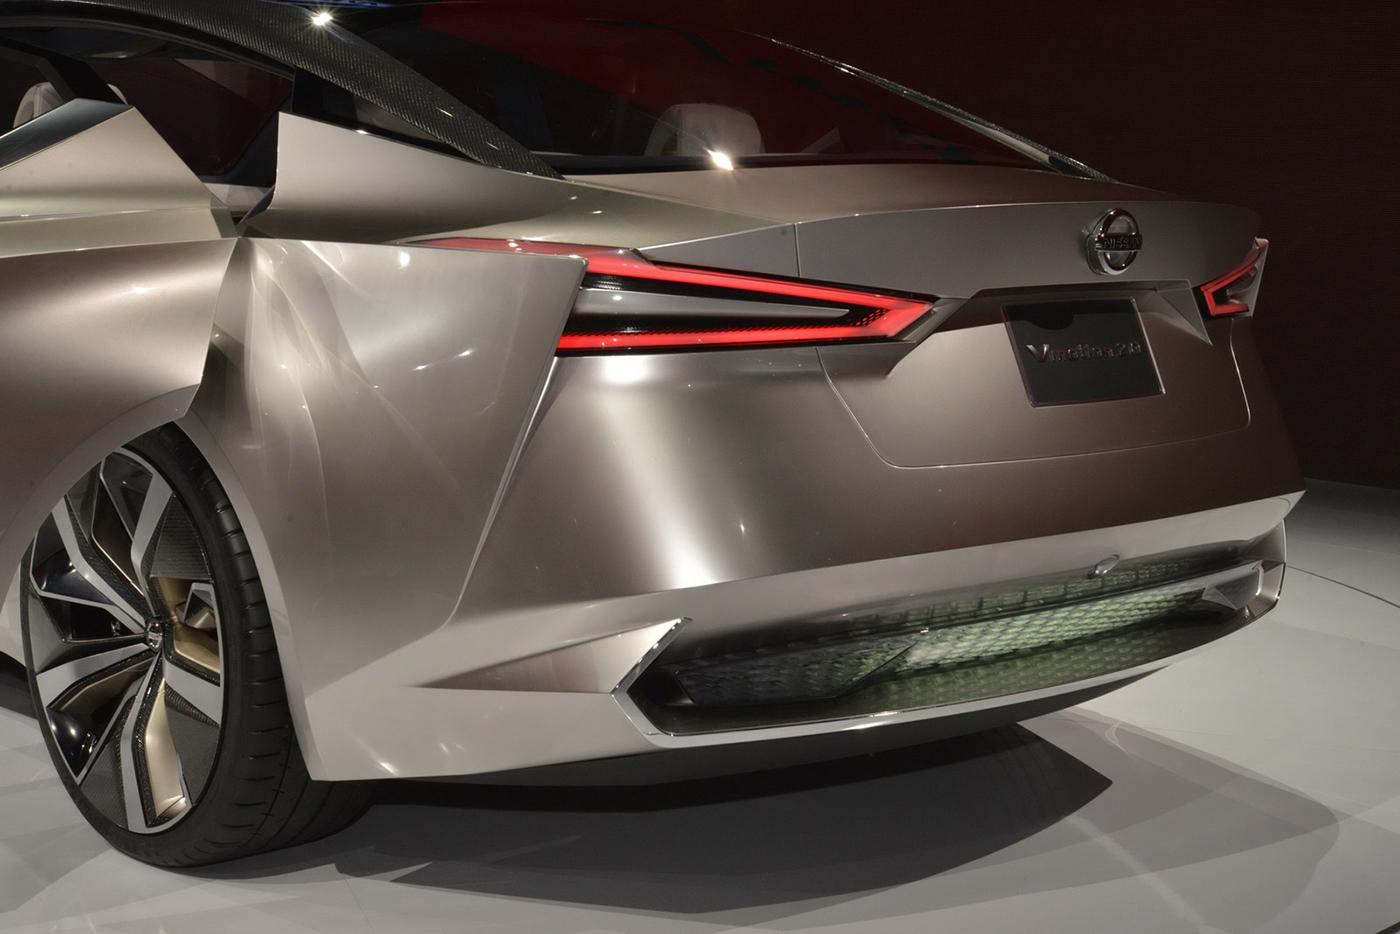 """Chiêm ngưỡng mẫu concept """"tuyệt đẹp"""" Nissan Vmotion 2.0 - ảnh 7"""